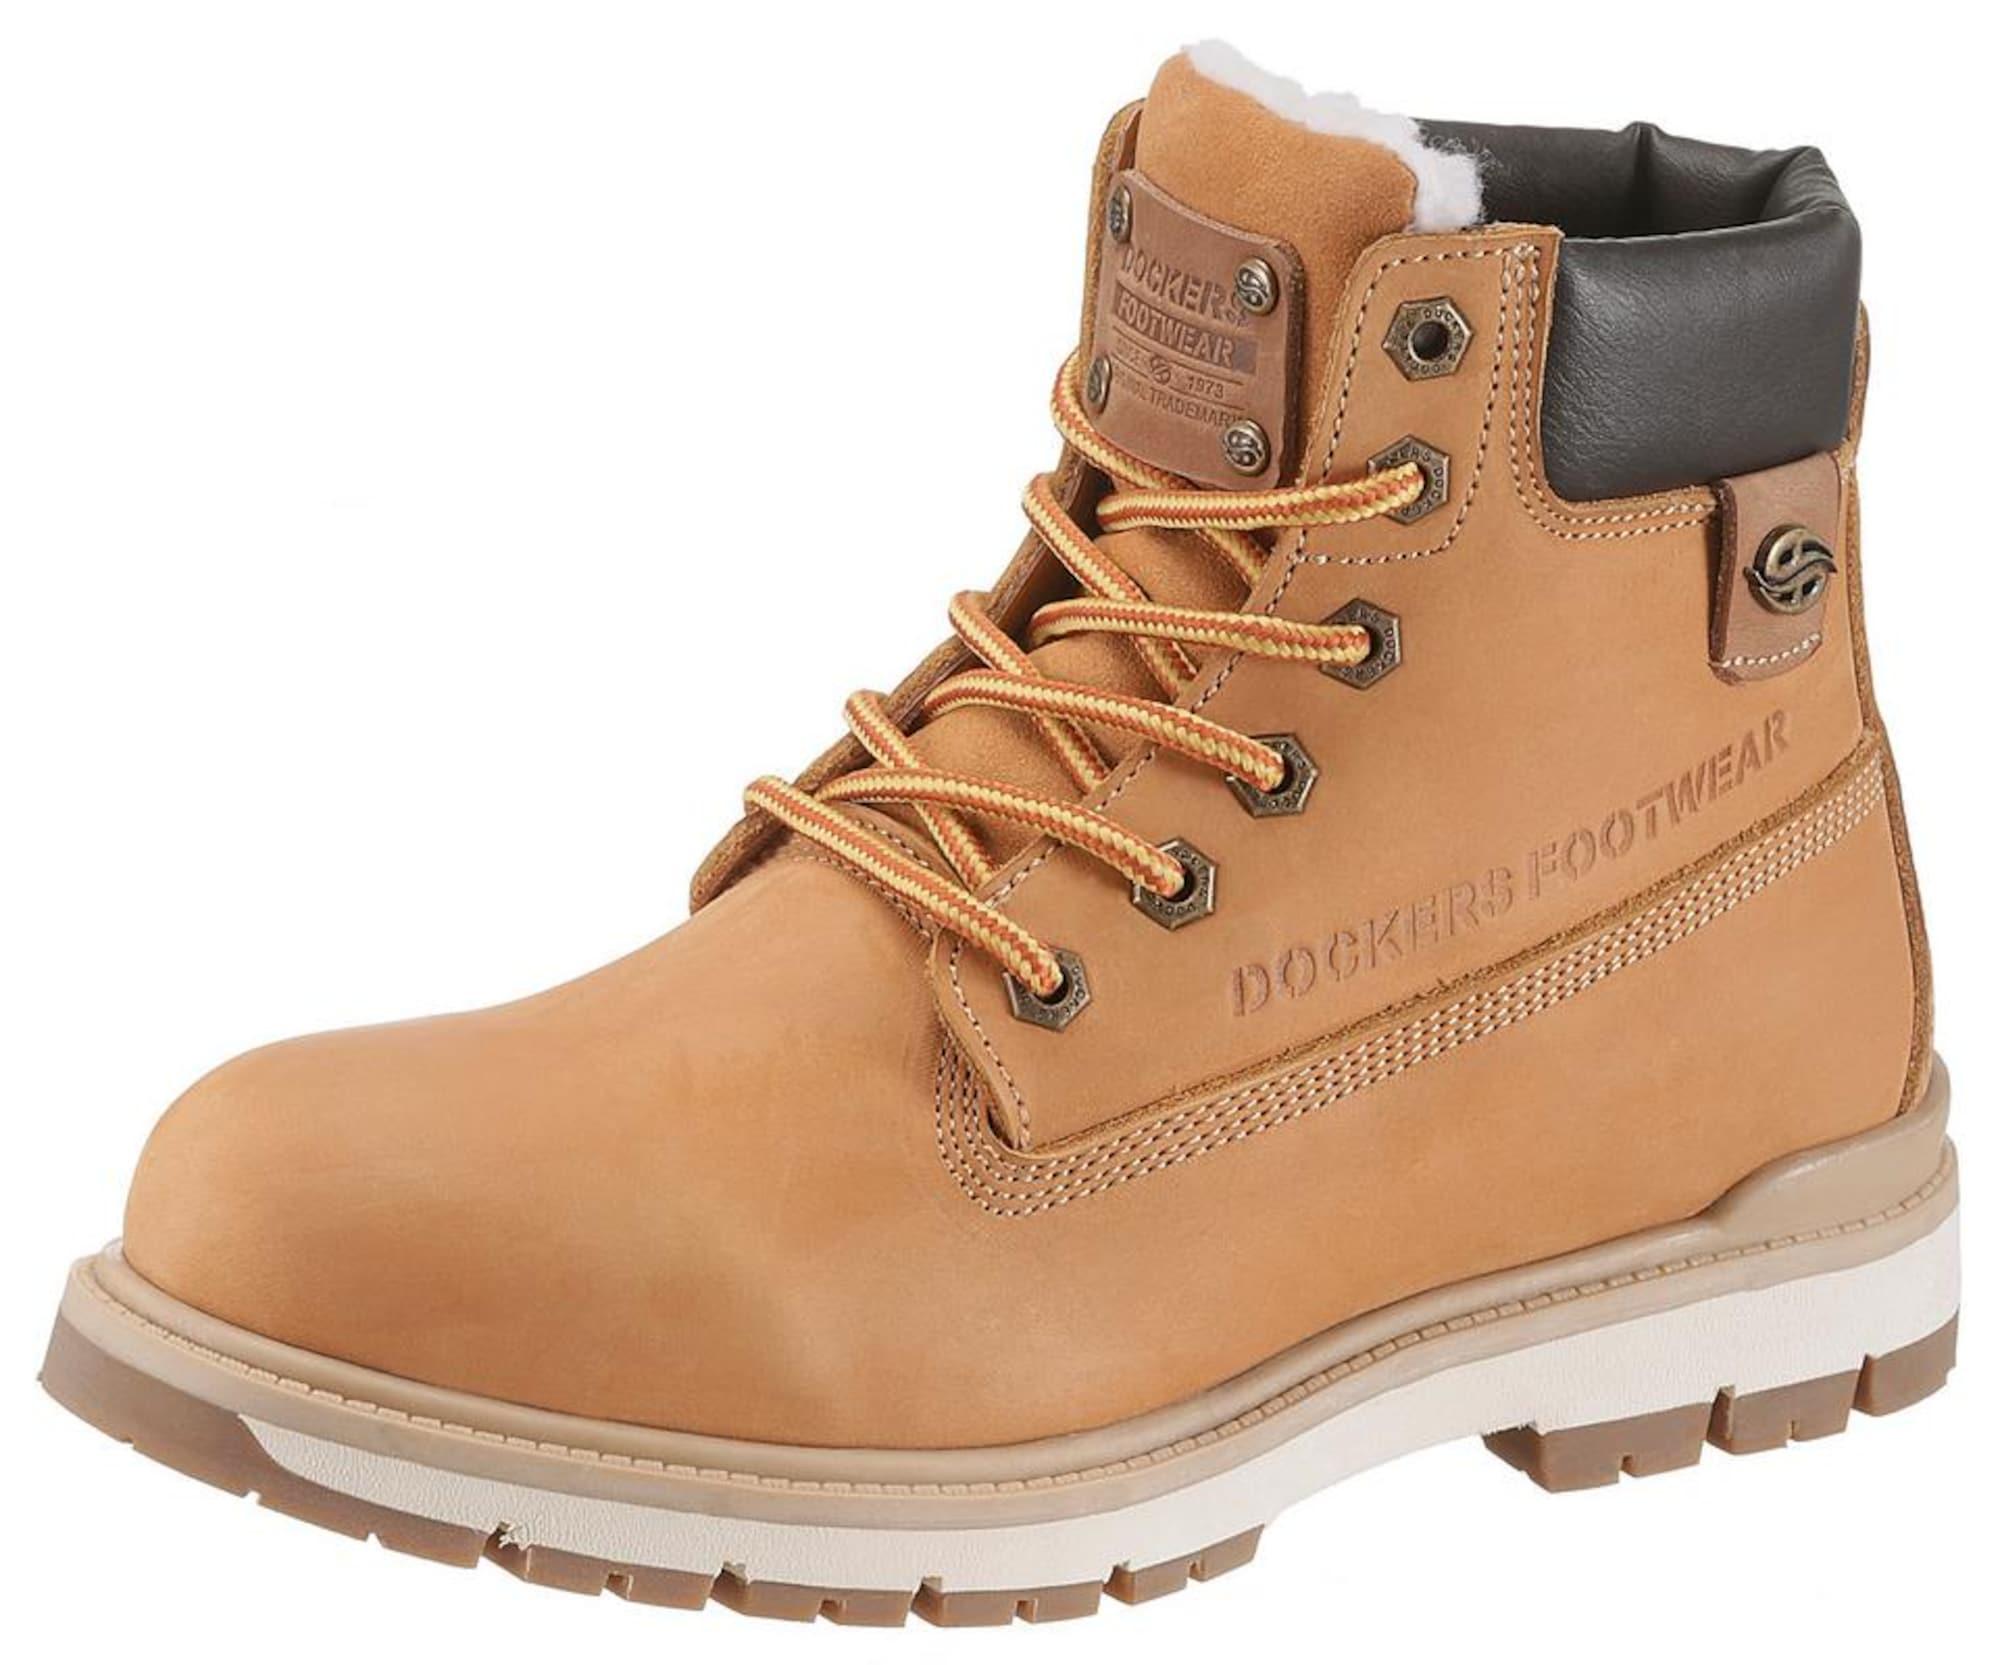 Schnürboots | Schuhe > Boots > Schnürboots | Hellbraun | Dockers By Gerli